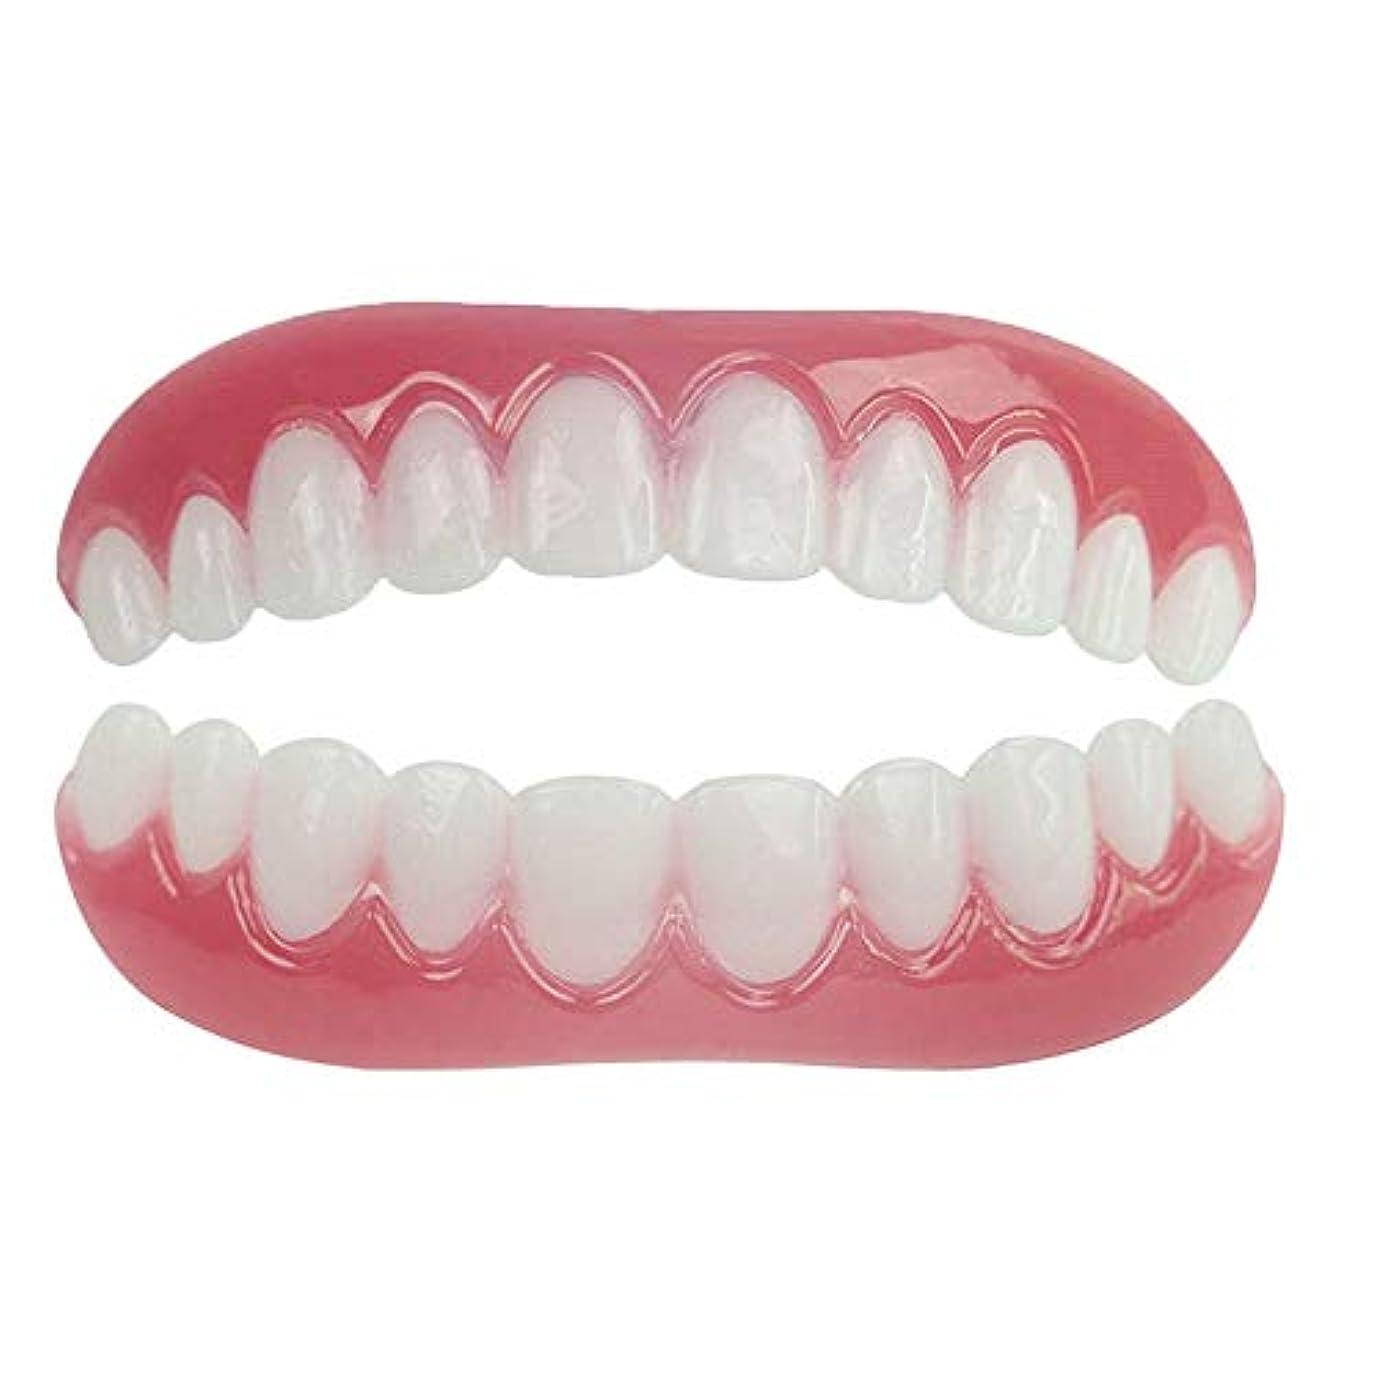 先生マングル惑星シリコンシミュレーションの上下の義歯スリーブ、歯科用ベニヤホワイトニングティーセット(2セット),Boxed,UpperLower